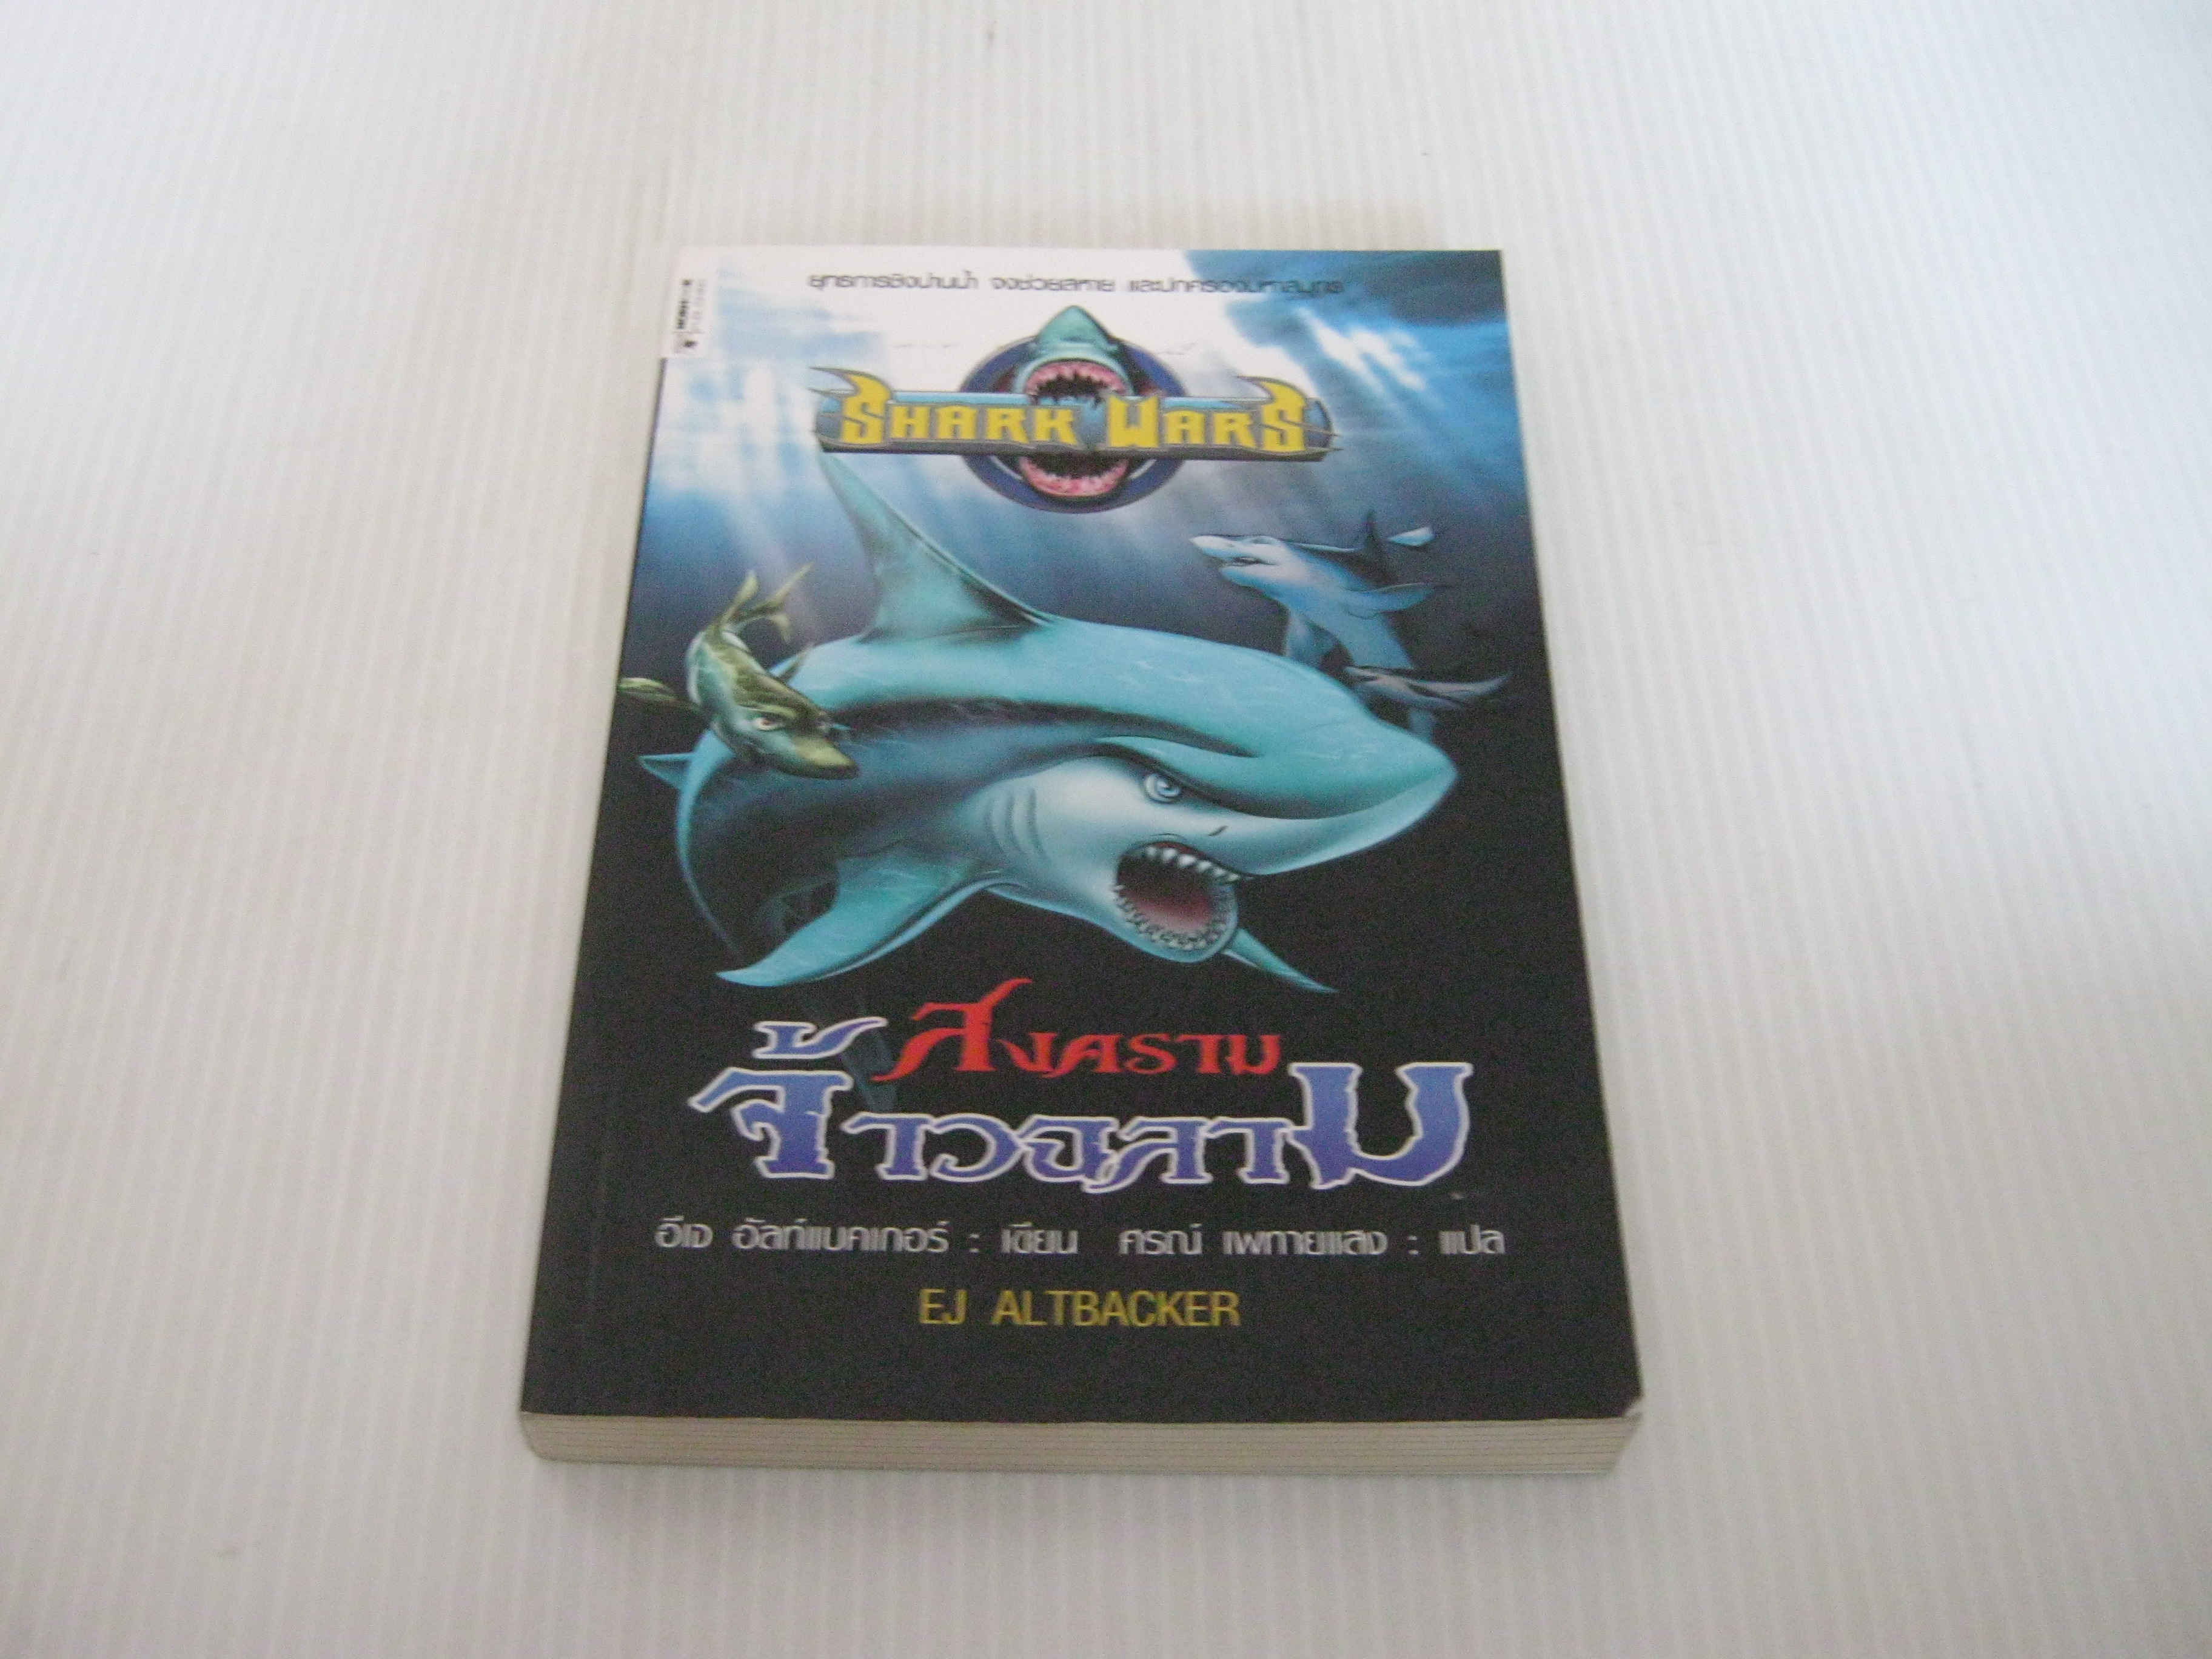 สงครามจ้าวฉลาม (Shark Wars) อีเจ อัลท์แบคเกอร์ เขียน ศรณ์ เพทายแสง แปล